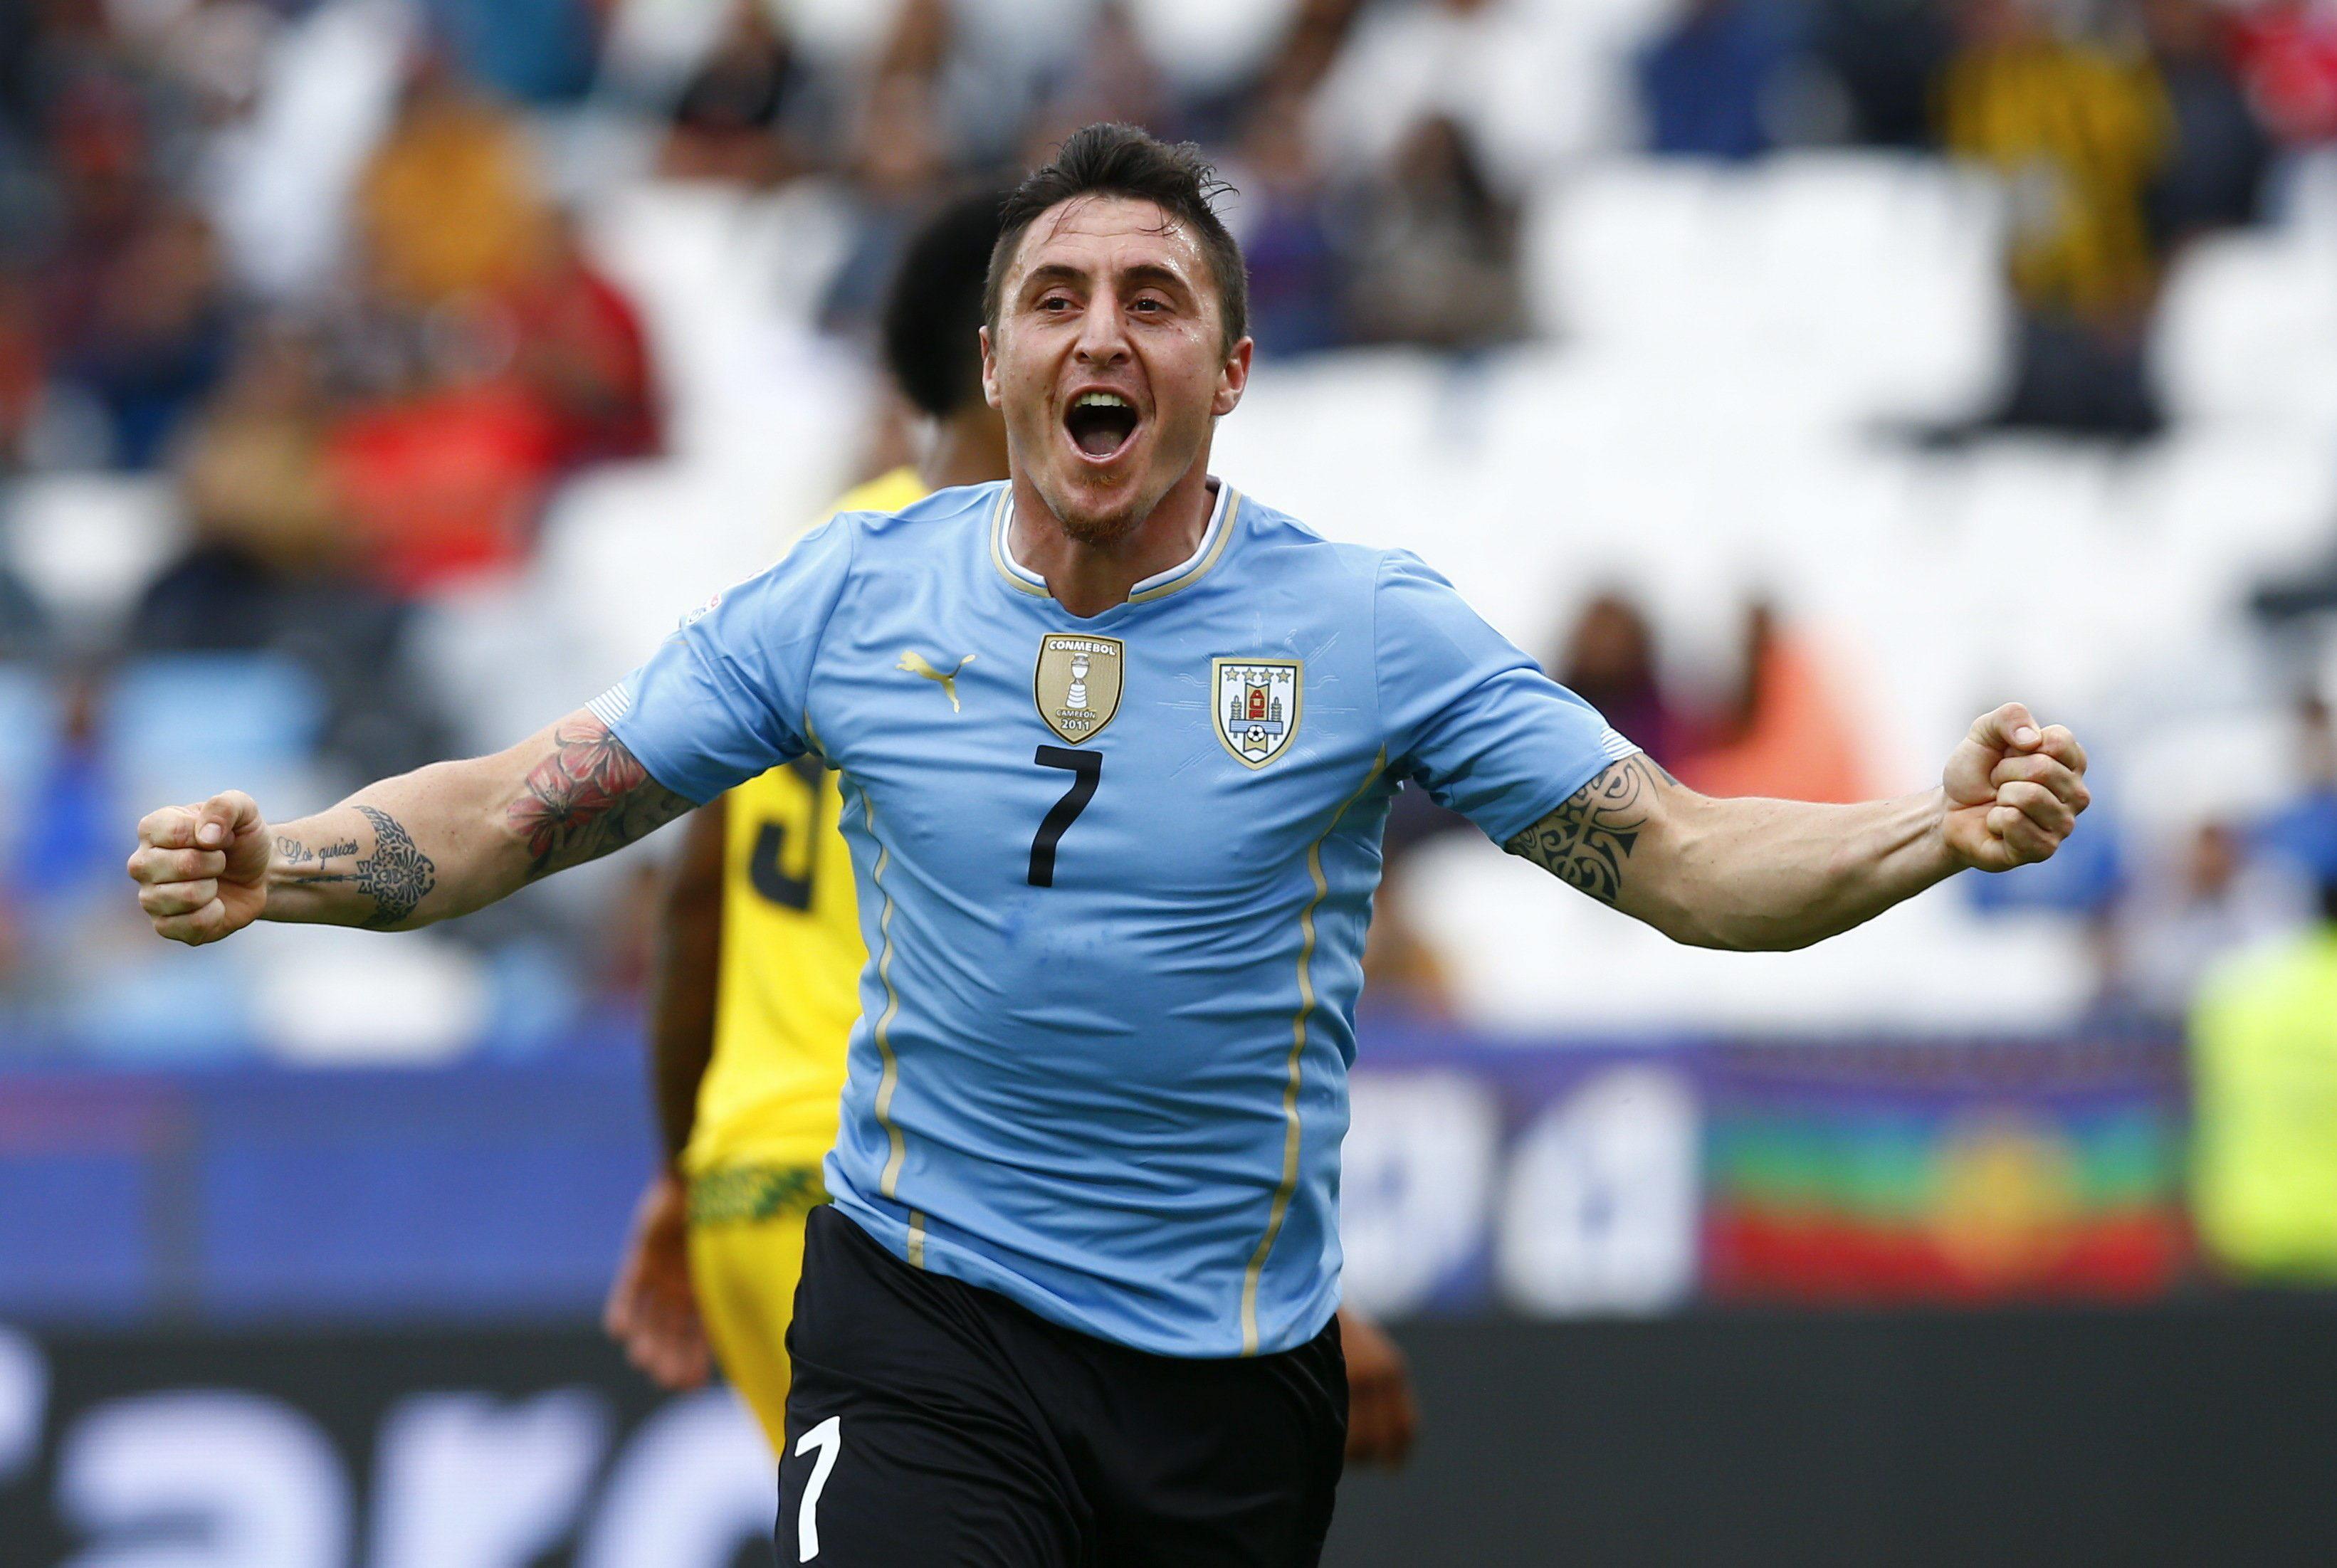 El centrocampista uruguayo Cristian Rodríguez celebra su gol, primero del equipo, durante el partido Uruguay-Jamaica, del Grupo B de la Copa América de Chile 2015, en el Estadio Regional Calvo y Bascuñán de Antofagasta, Chile, hoy 13 de junio de 2015. EFE/Javier Valdés